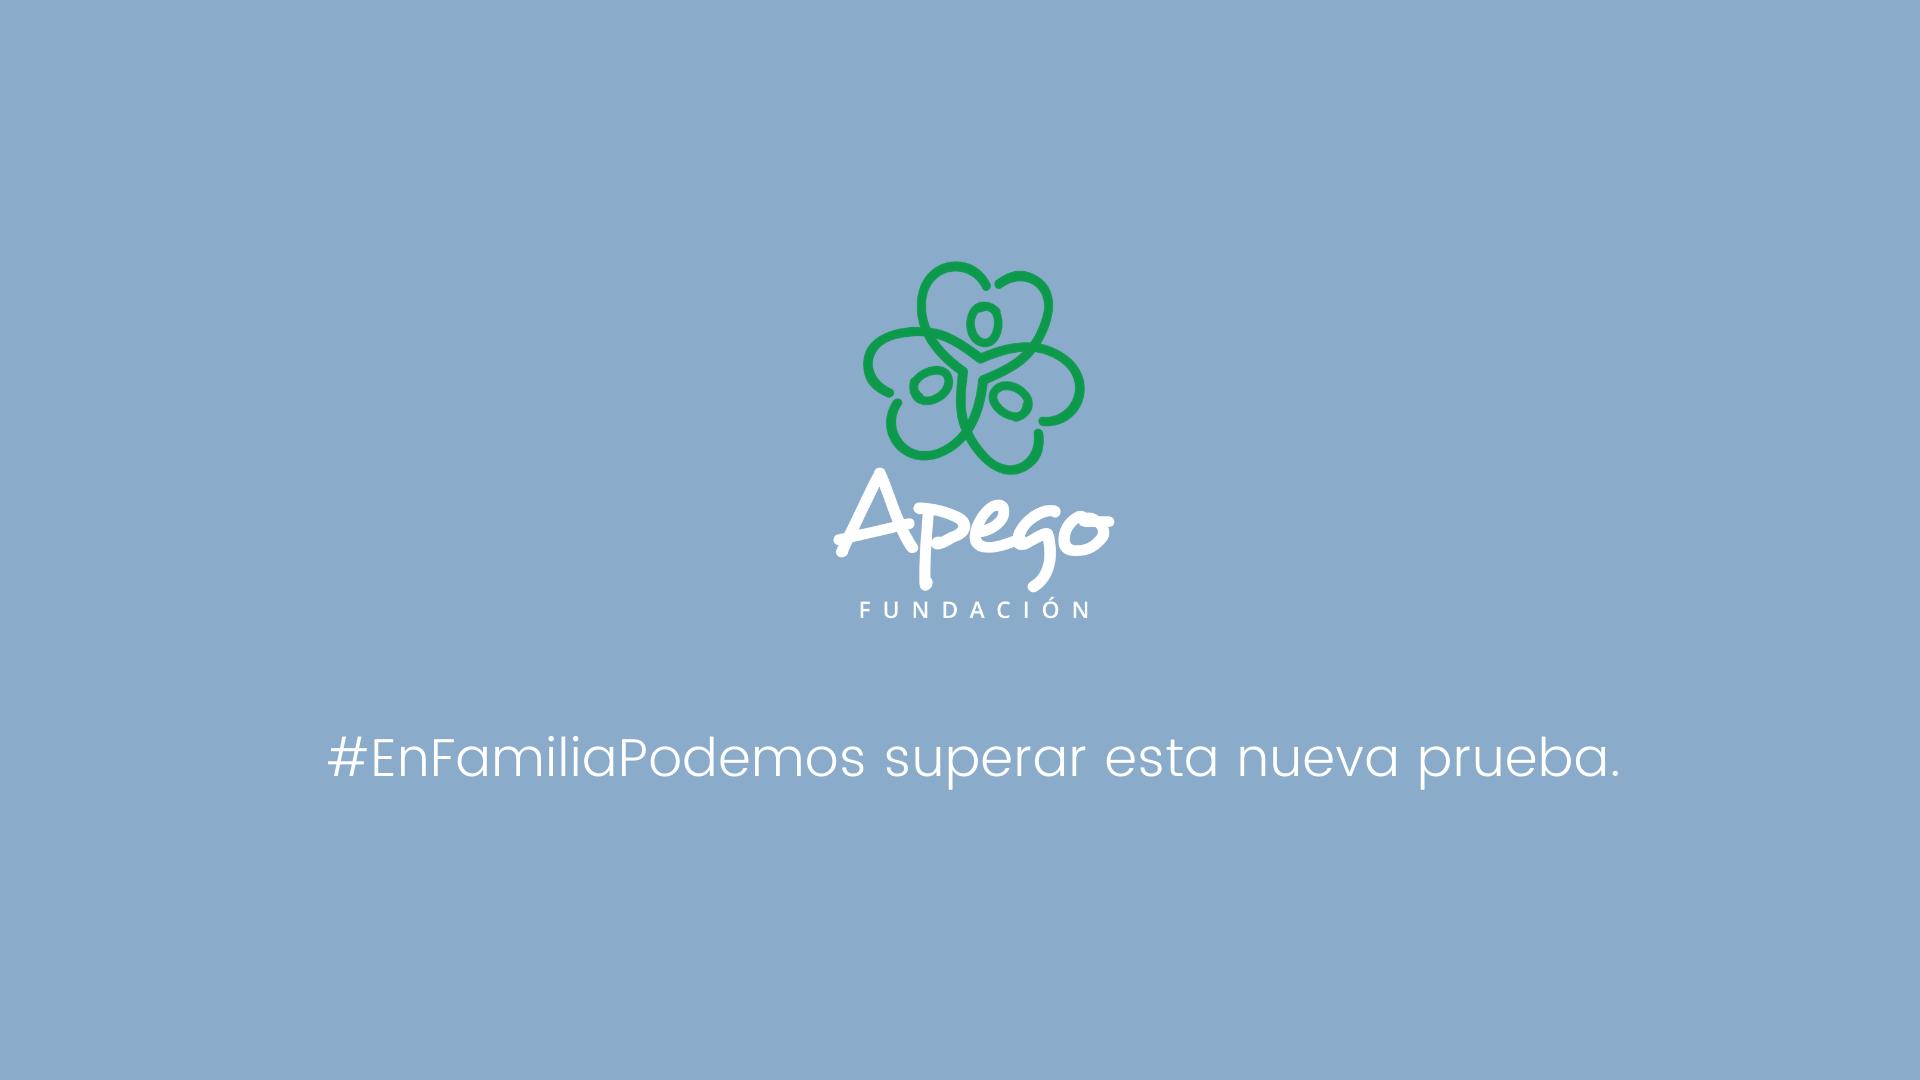 Imagen alusiva a Apego te acompaña en la cuarentena.